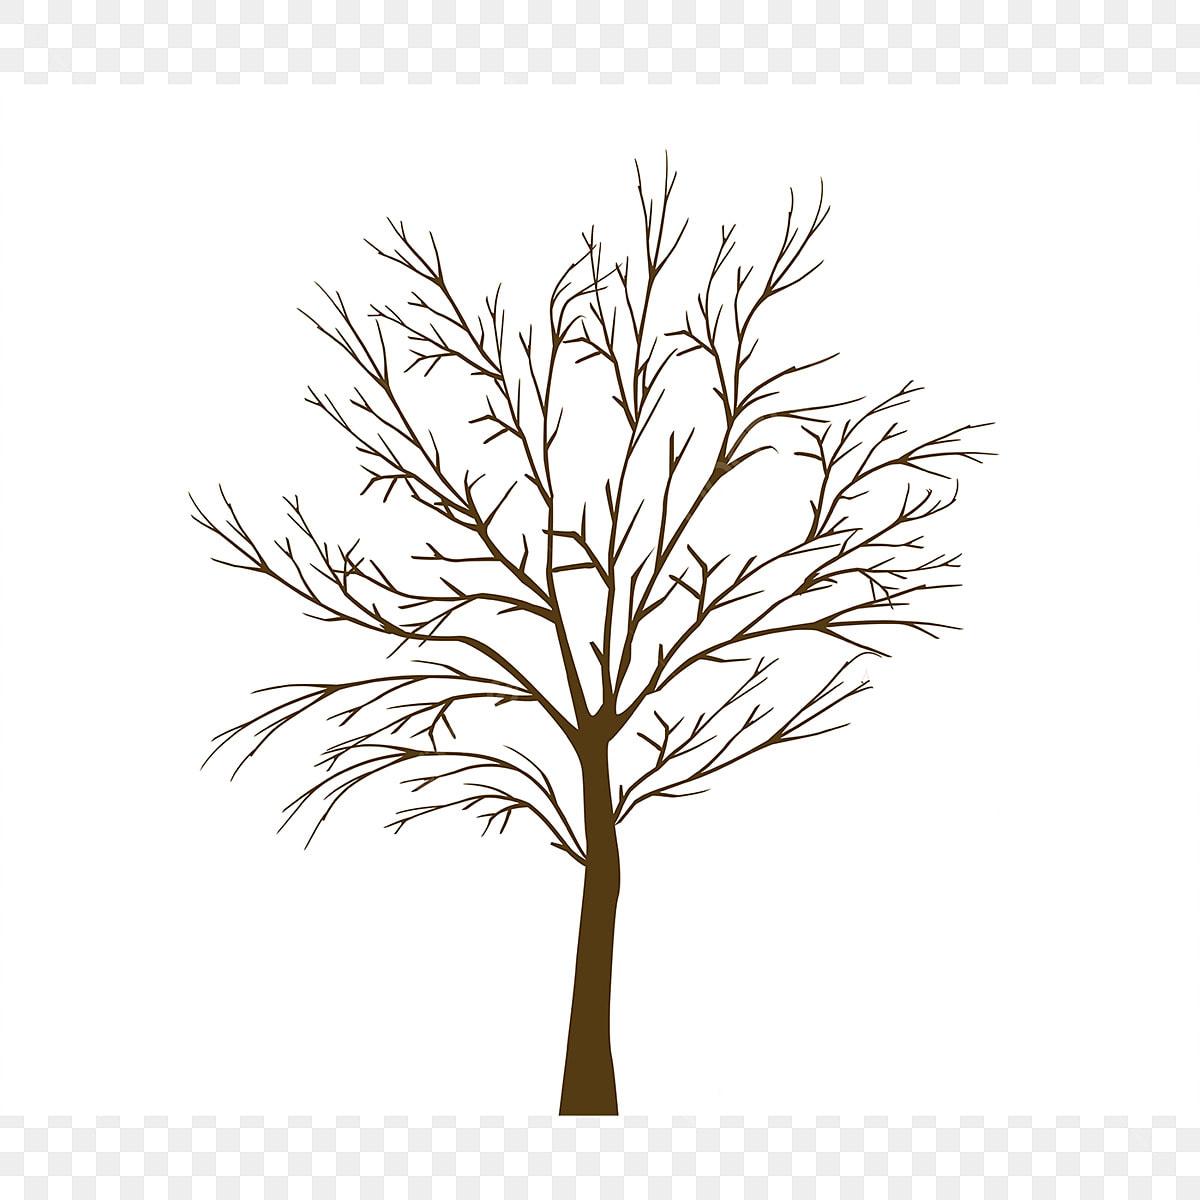 Pokok Pokok Yang Indah Dan Dinding Unsur Unsur Pokok Pokok